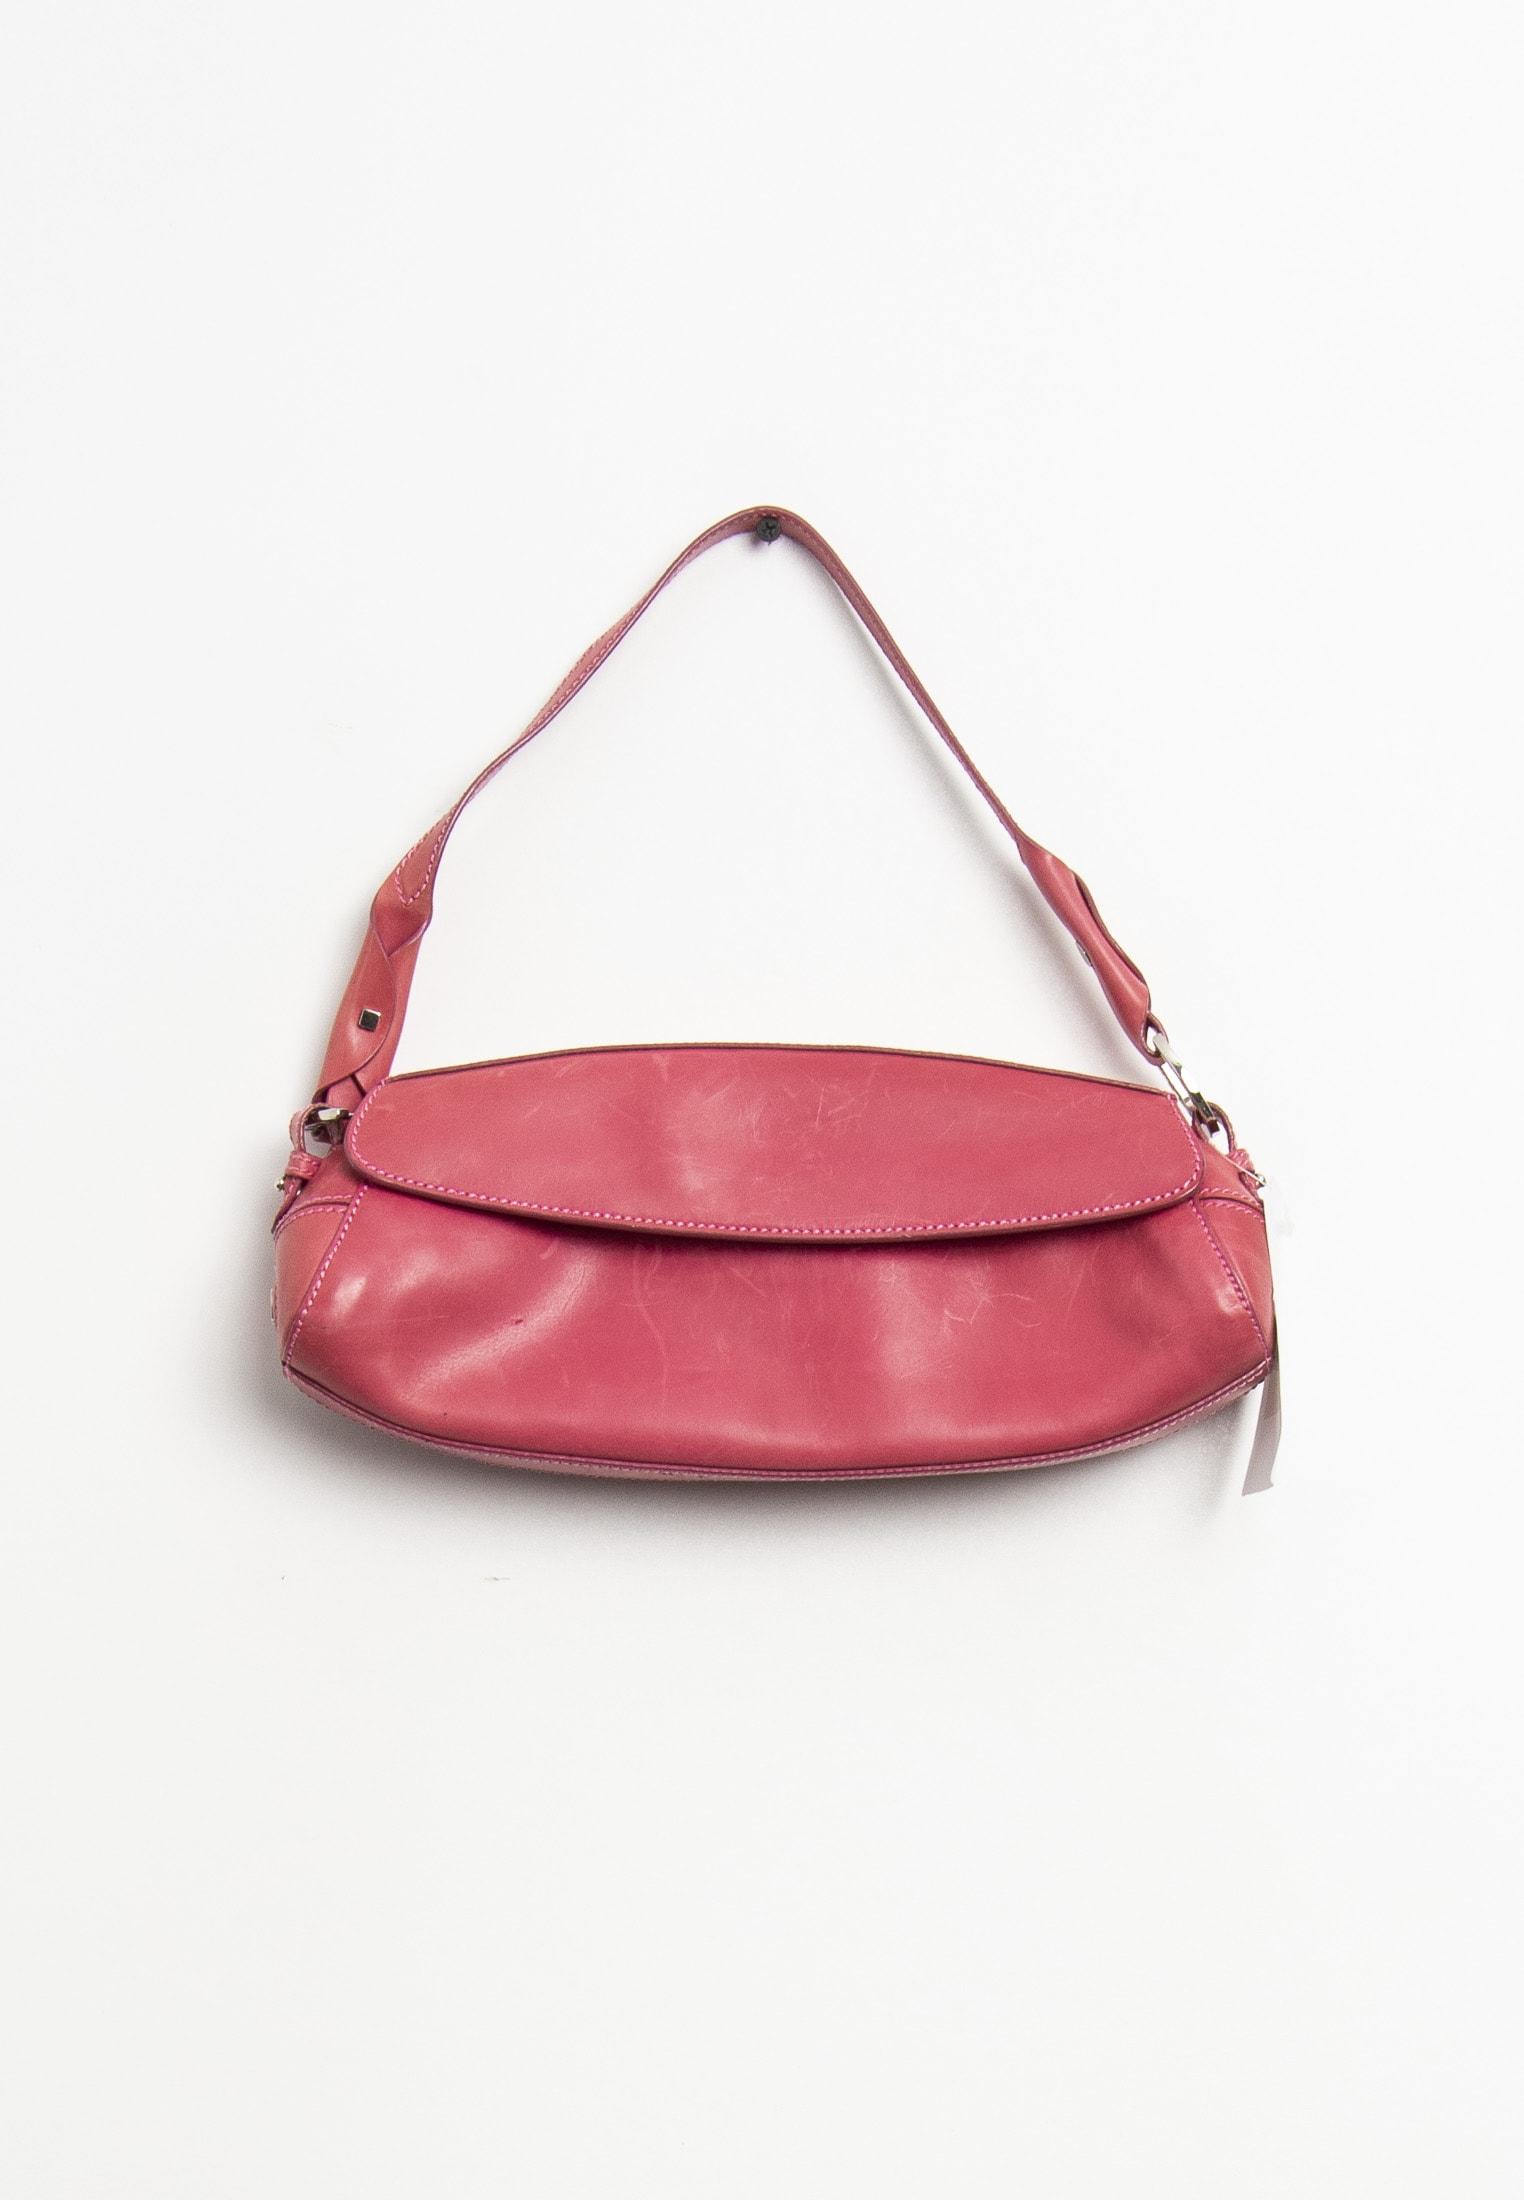 Aigner Tasche Pink